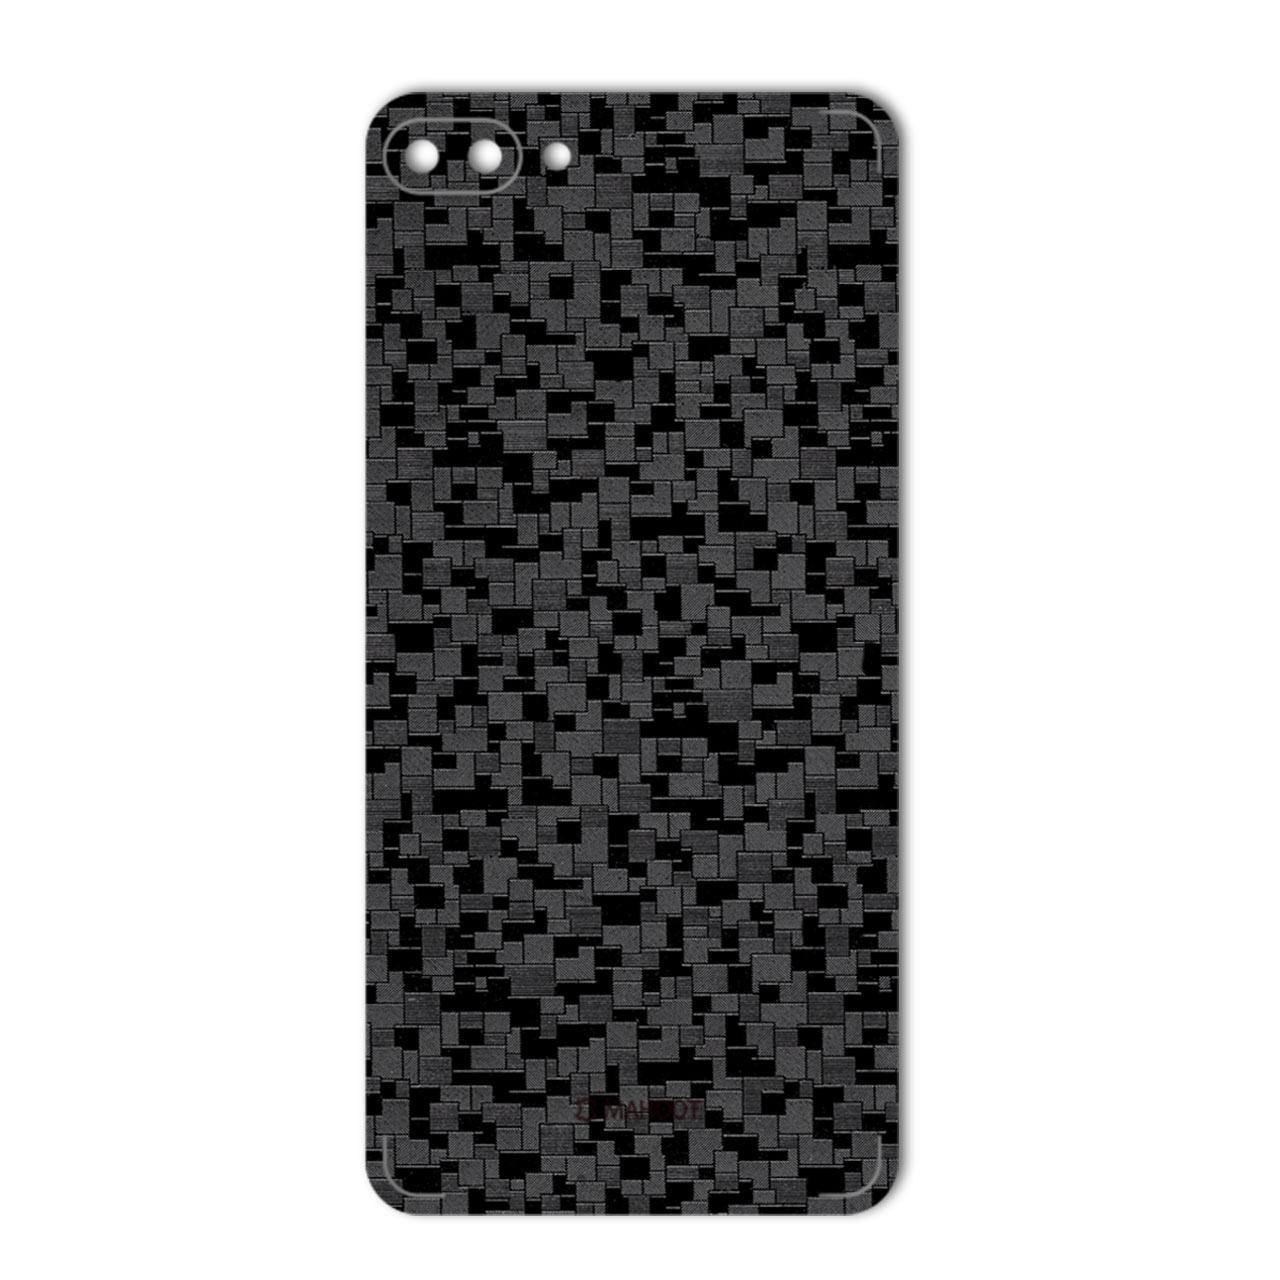 برچسب تزئینی ماهوت مدل Silicon Texture مناسب برای گوشی  Asuns Zenfone 4 Max ZC554KL